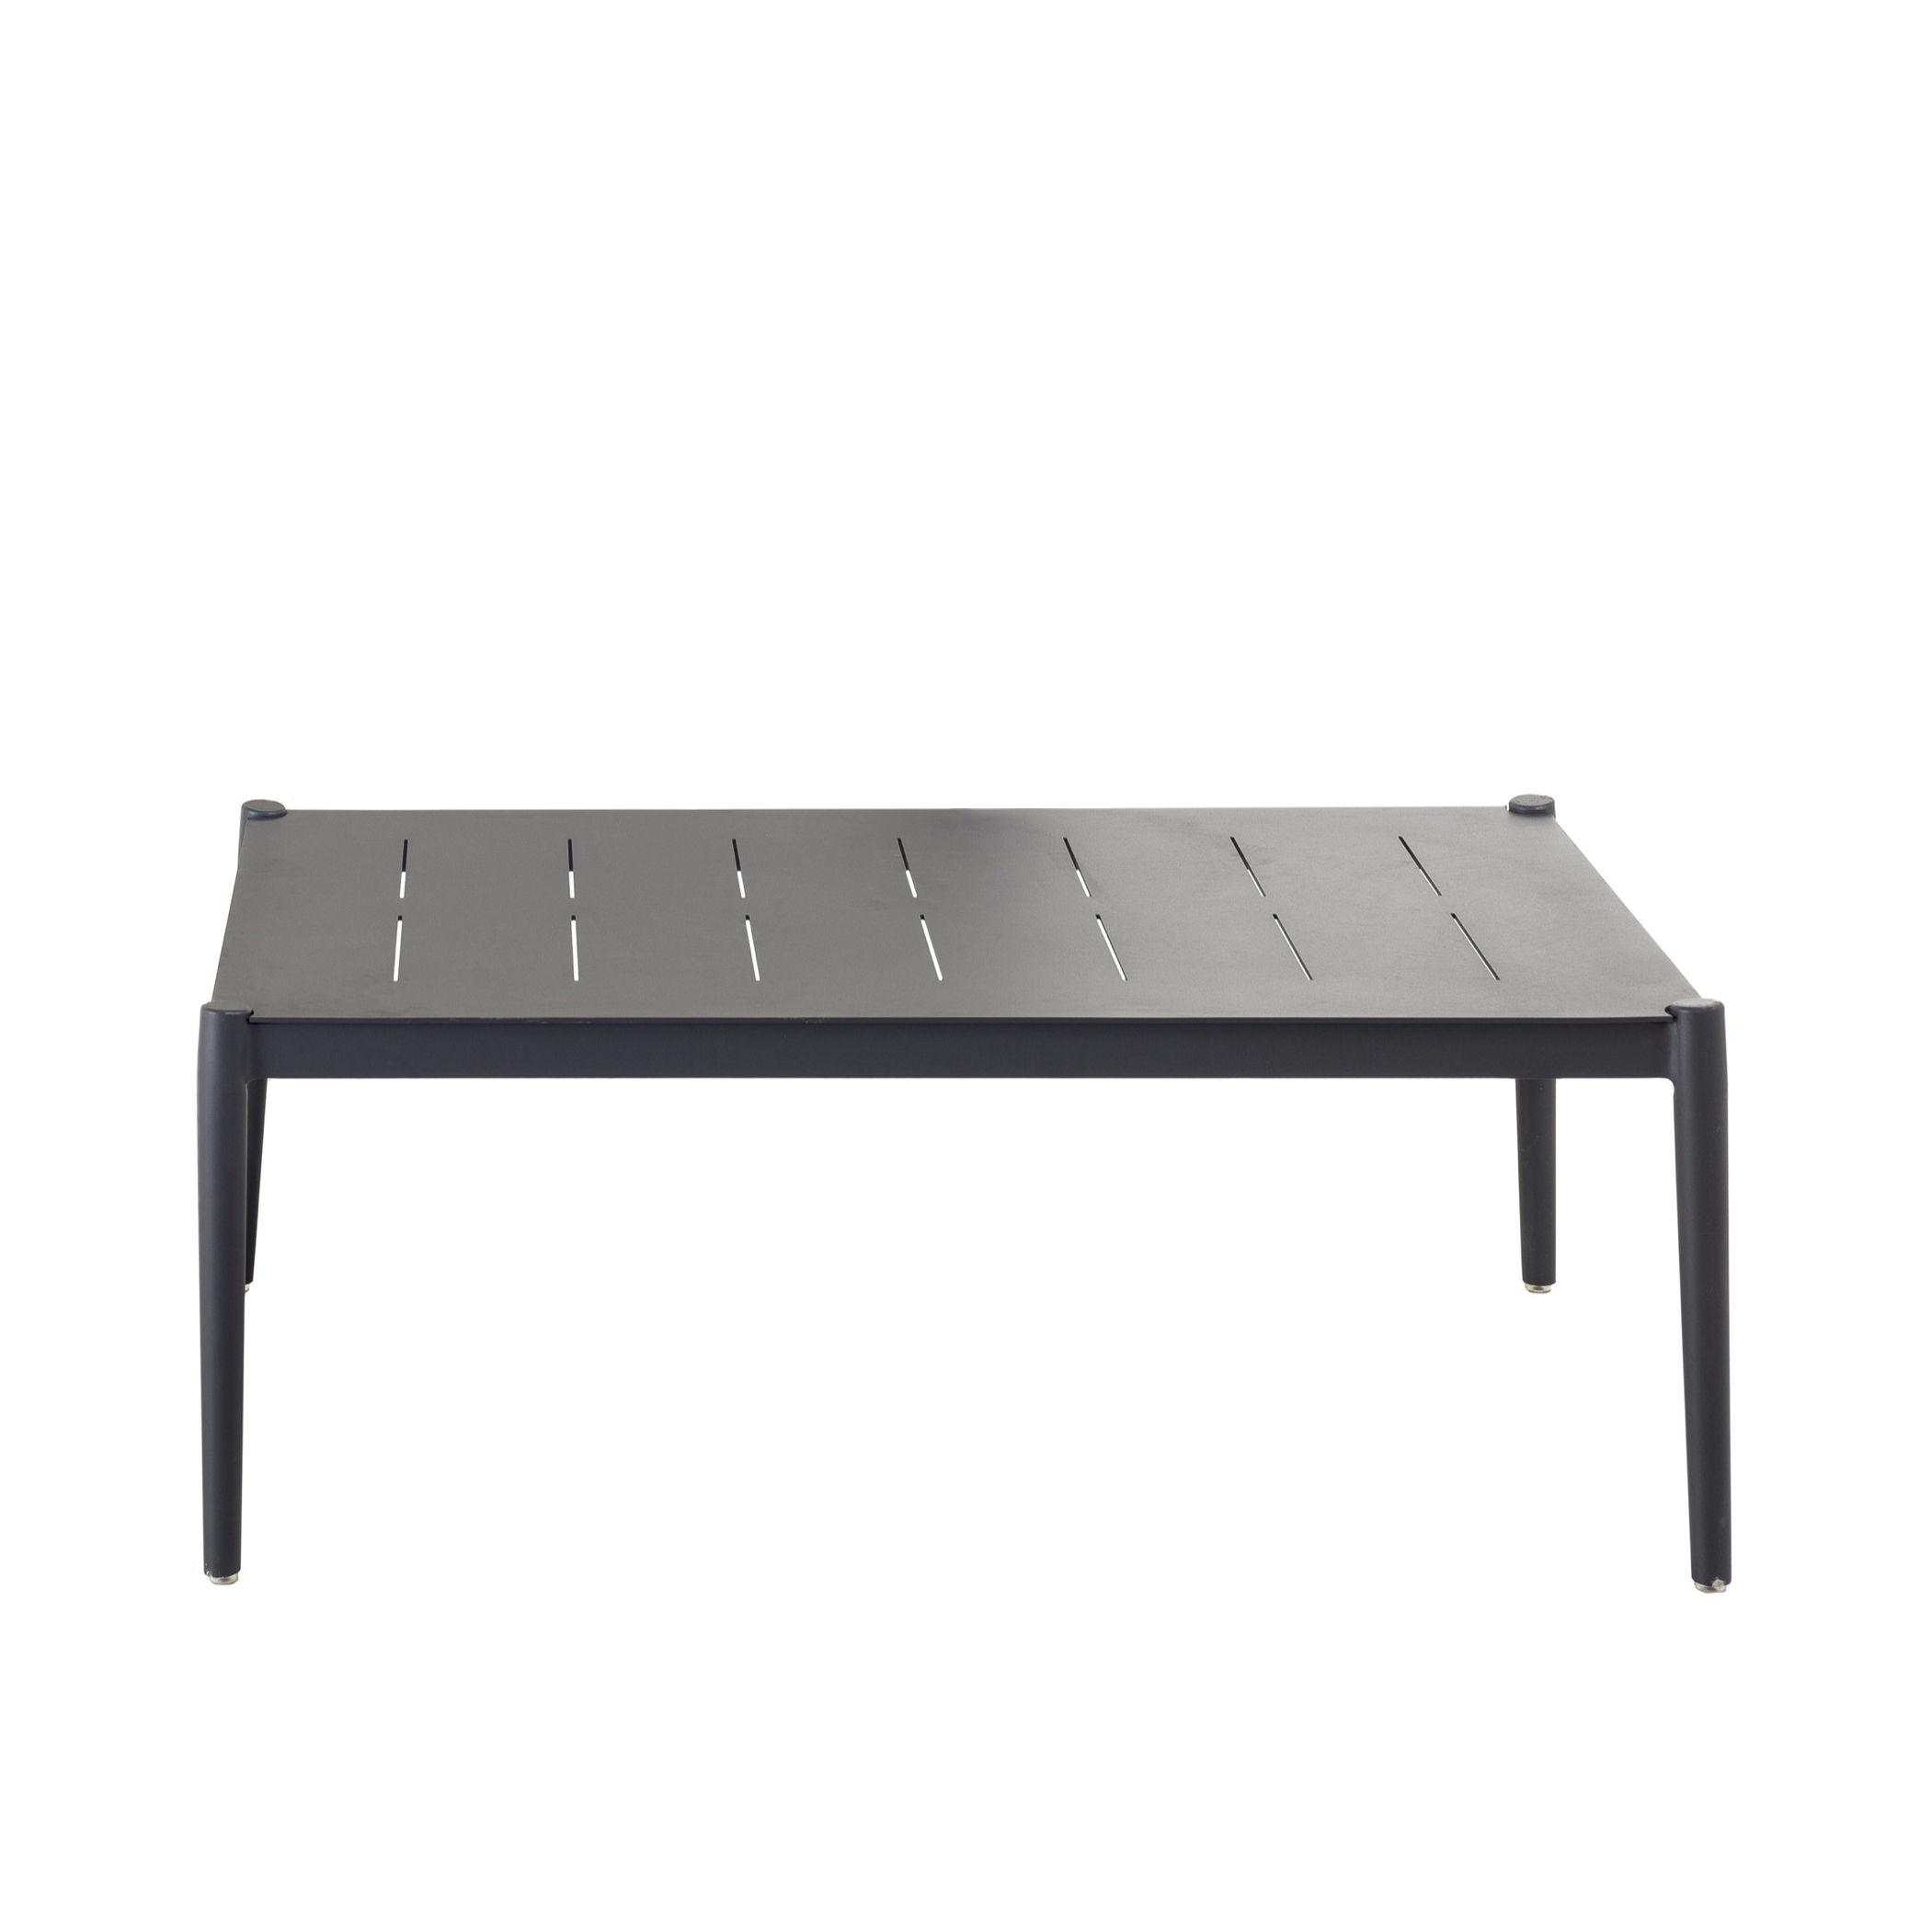 Mobilier - Tables basses - Table basse Luce / 100 x 60 cm - Aluminium - Unopiu - Gris Graphite - Aluminium